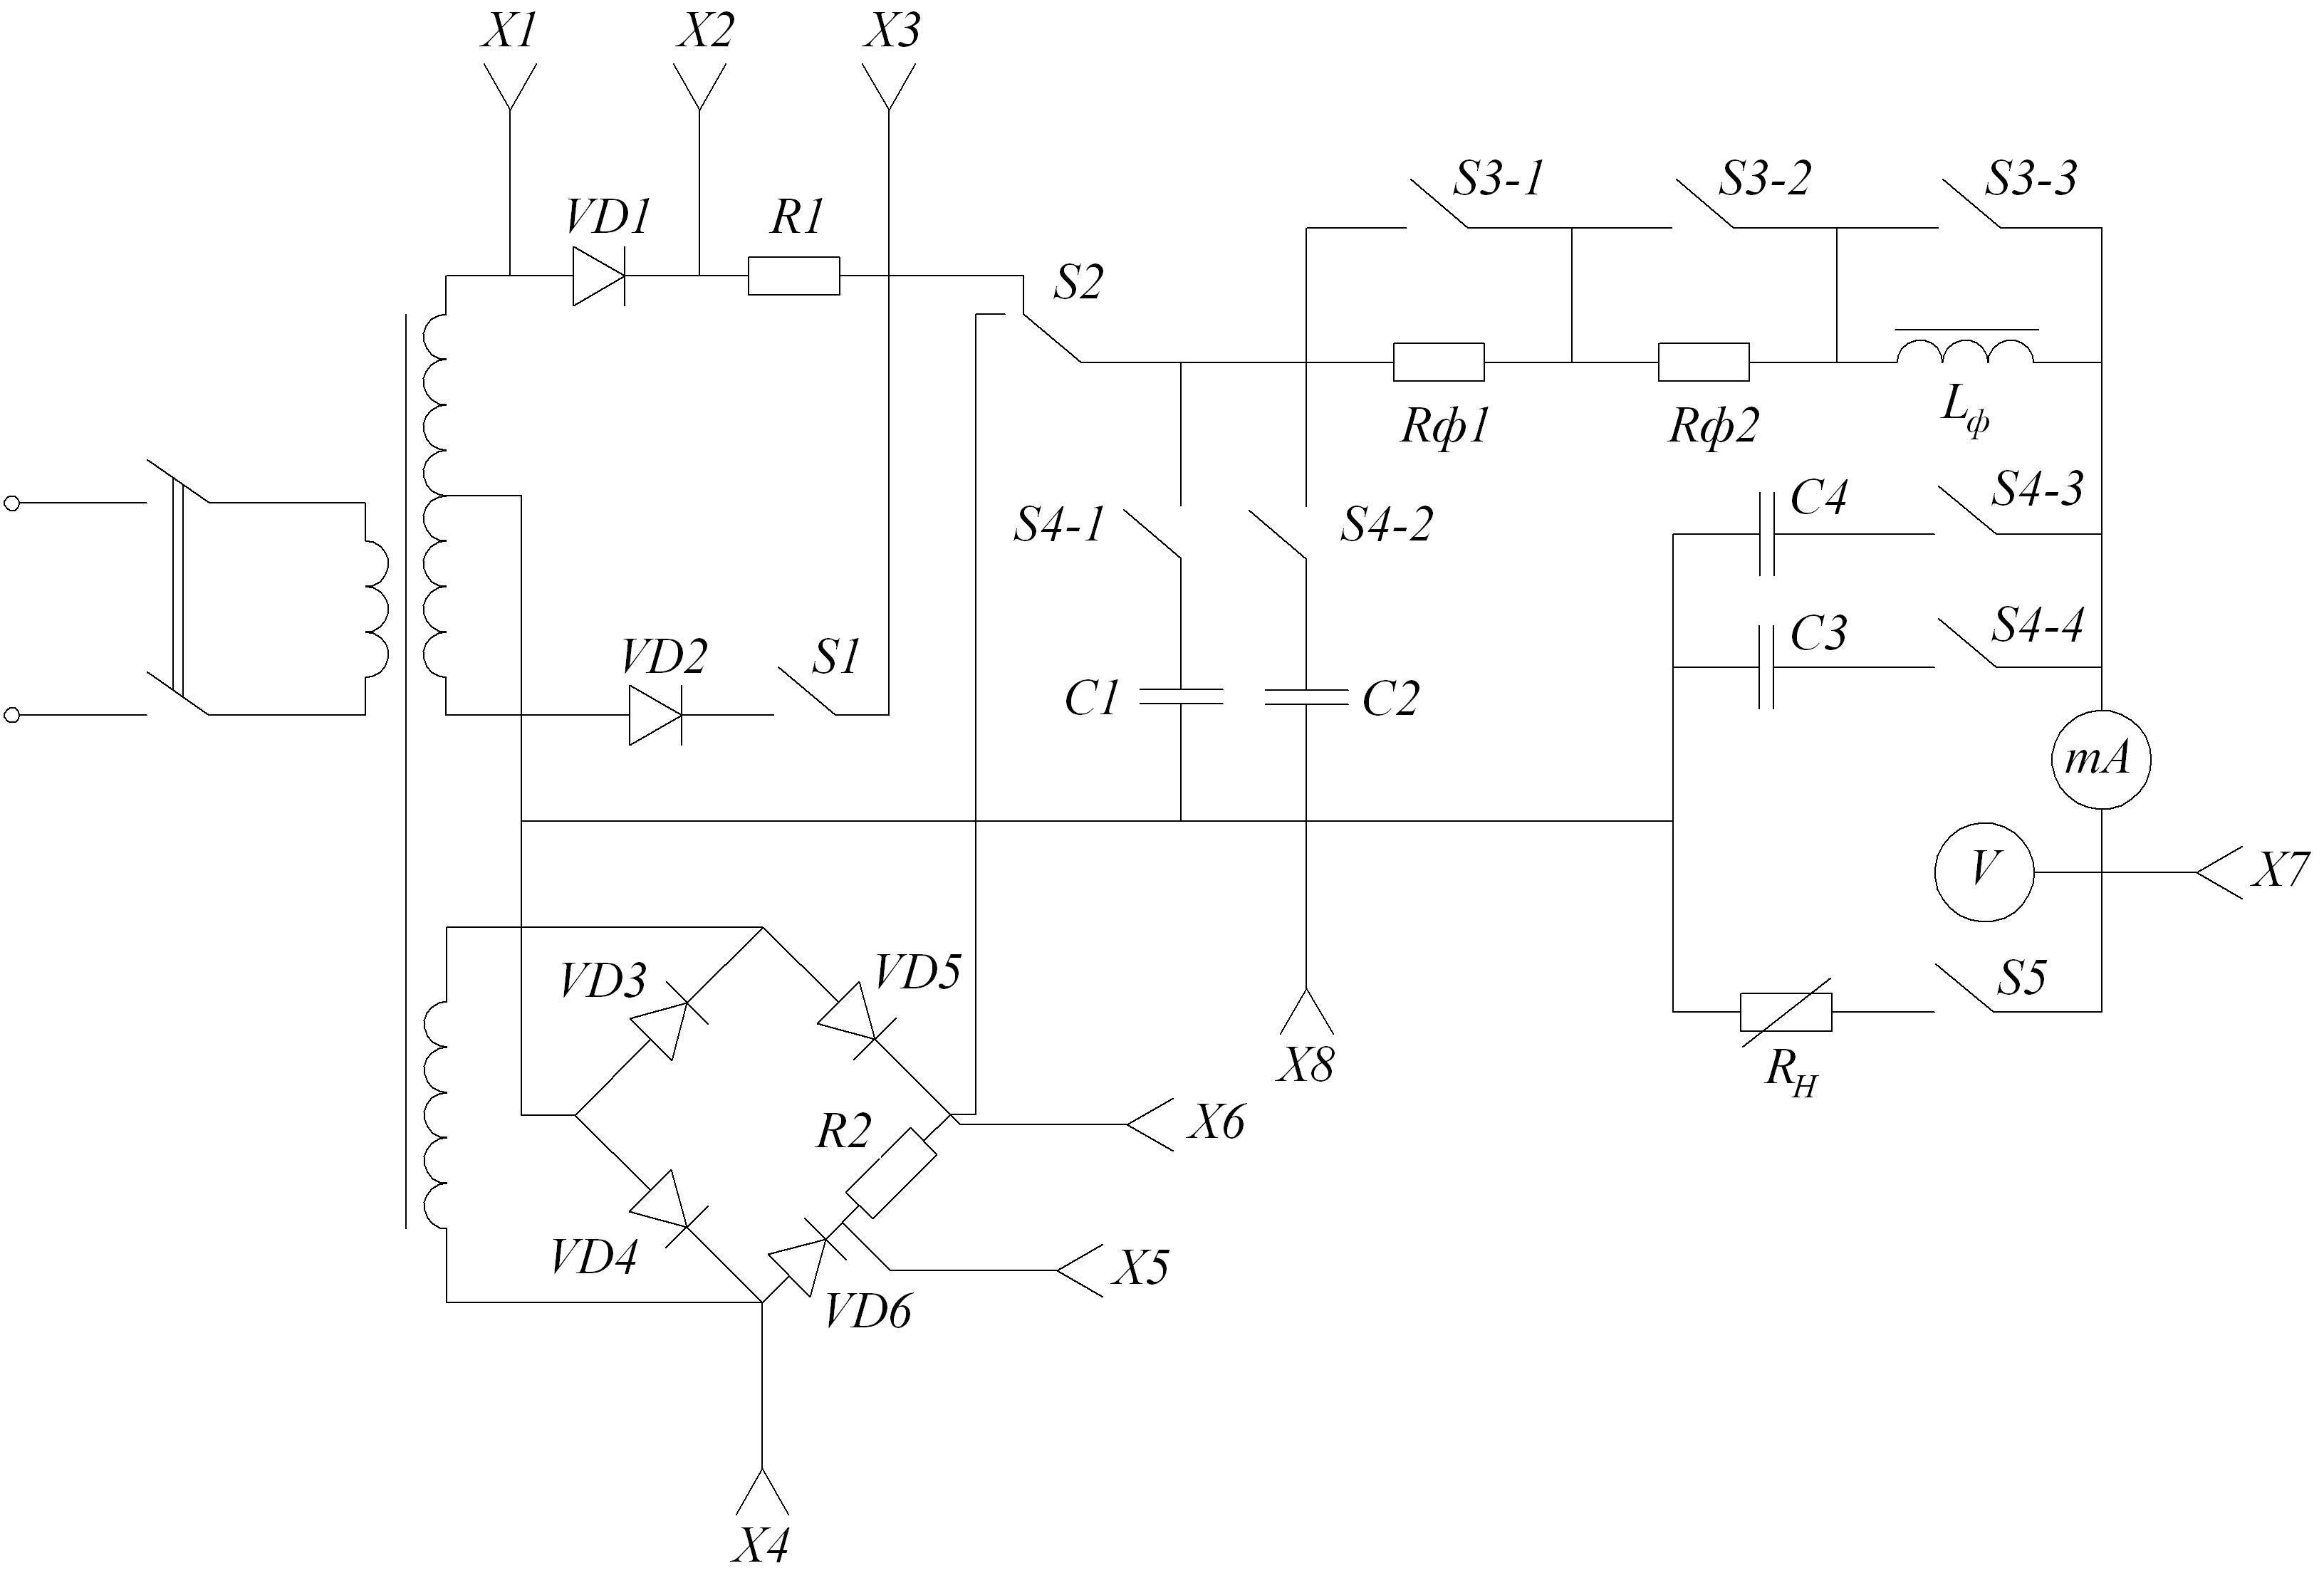 емкостной и индуктивный сглаживающий фильтр схема